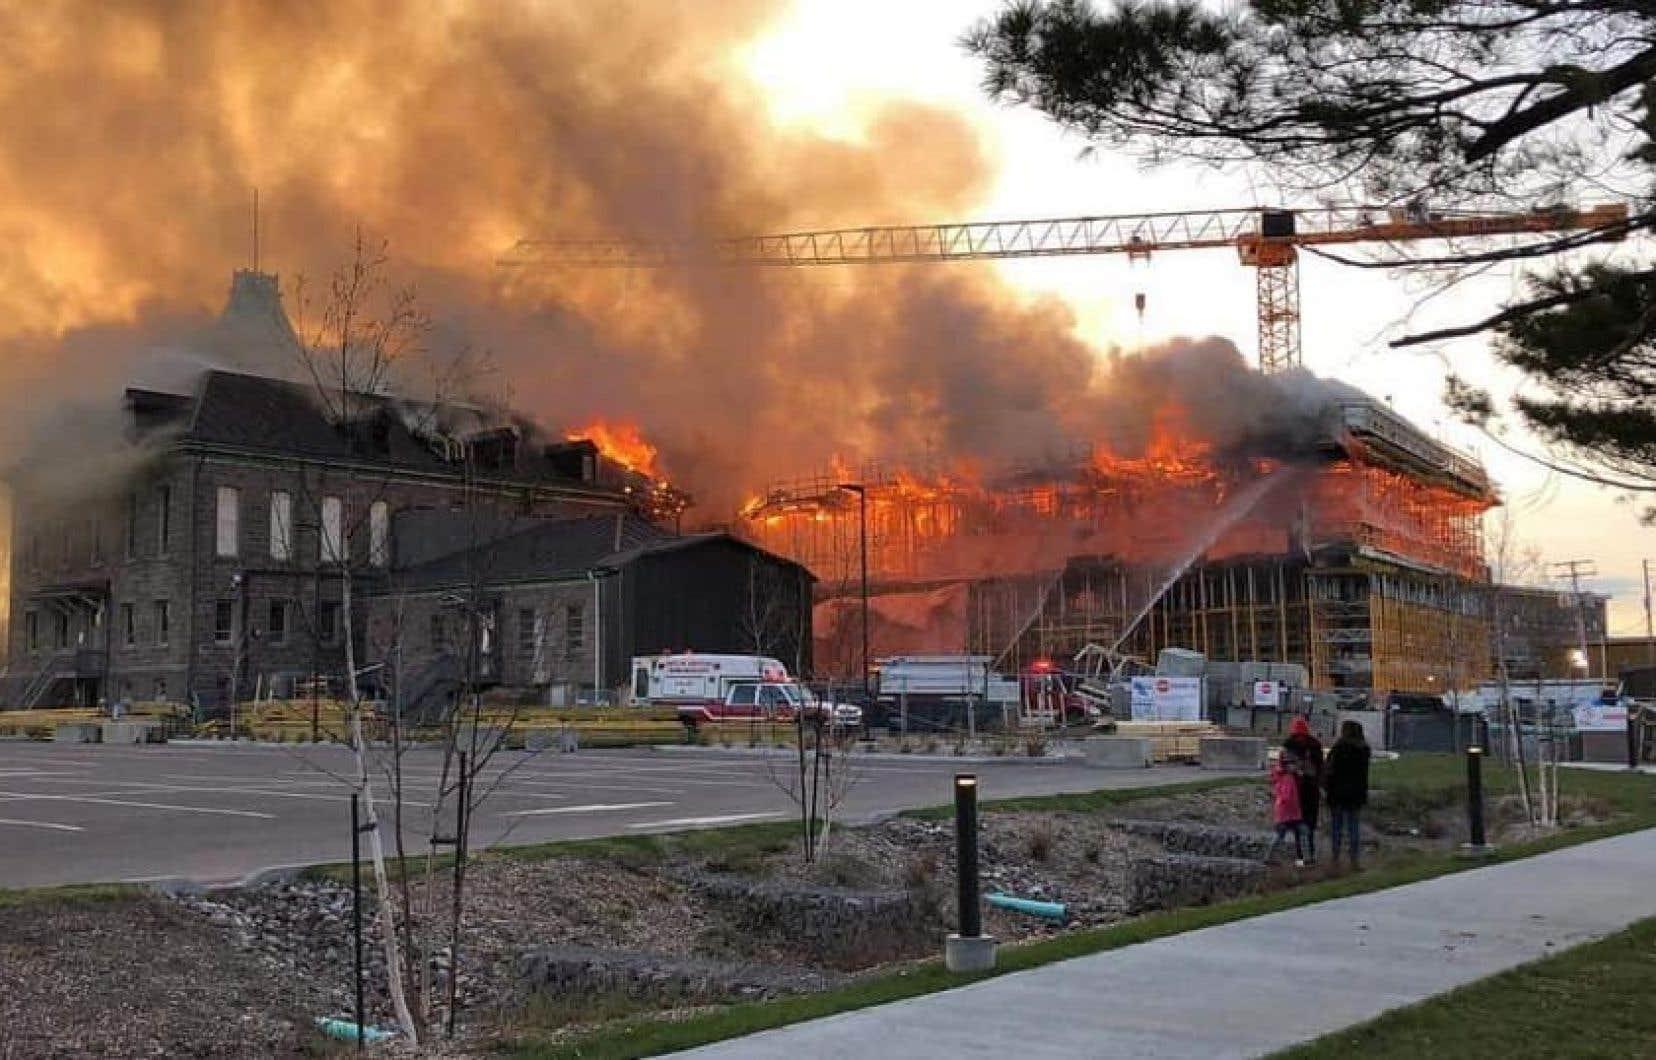 Les flammes ont causé beaucoup plus de dommages dans l'ancienne partie du bâtiment, alors que ce sont principalement les échafaudages qui ont brûlé dans la partie en construction.